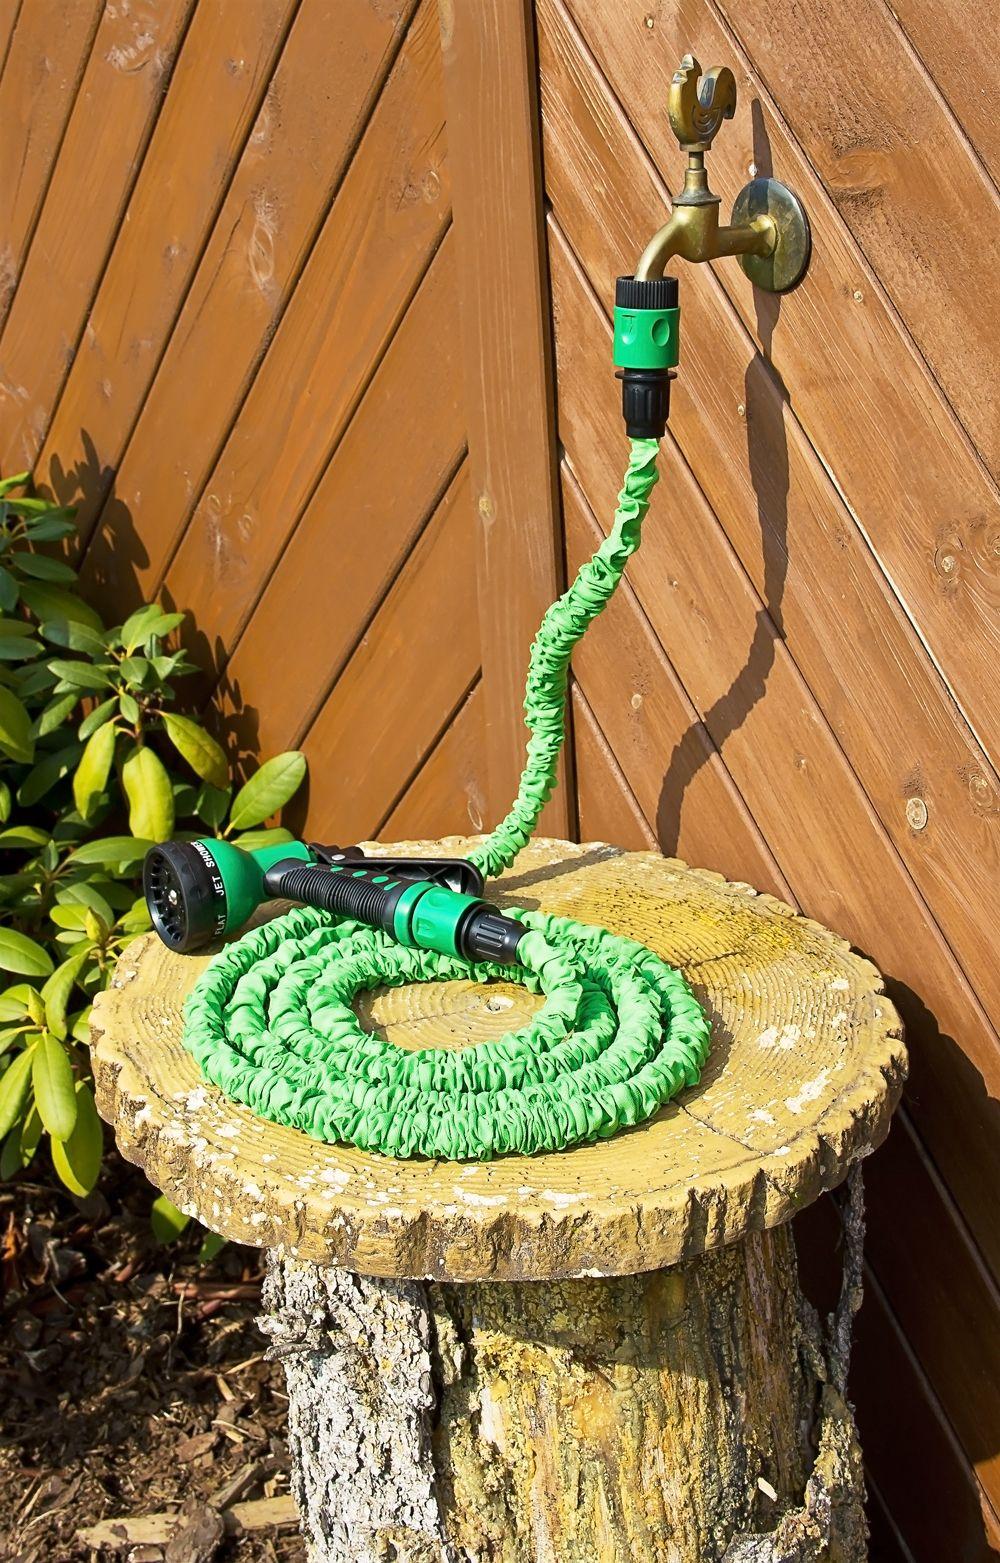 Der Flexible Gartenschlauch Ist Sehr Platzsparend. Wenn Wasser  Hindurchfließt, Dehnt Er Sich Aus.